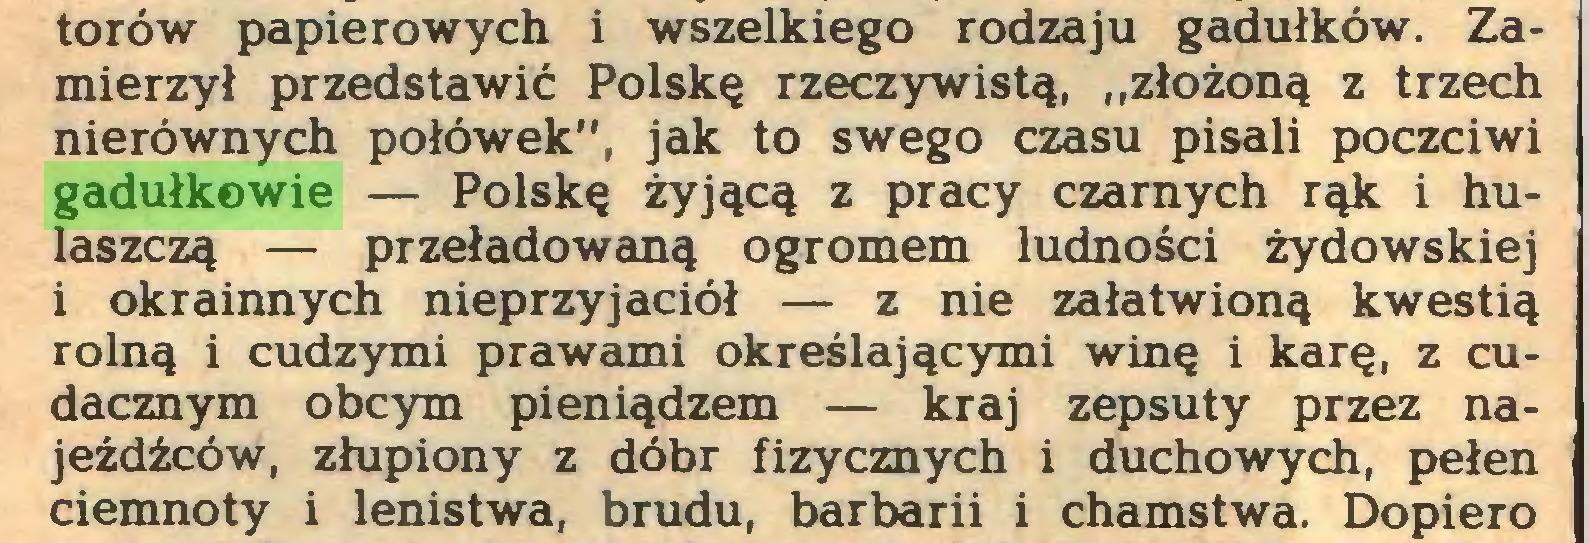 """(...) torów papierowych i wszelkiego rodzaju gadułków. Zamierzył przedstawić Polskę rzeczywistą, """"złożoną z trzech nierównych połówek"""", jak to swego czasu pisali poczciwi gadułkowie — Polskę żyjącą z pracy czarnych rąk i hulaszczą — przeładowaną ogromem ludności żydowskiej 1 okrainnych nieprzyjaciół — z nie załatwioną kwestią rolną i cudzymi prawami określającymi winę i karę, z cudacznym obcym pieniądzem — kraj zepsuty przez najeźdźców, złupiony z dóbr fizycznych i duchowych, pełen ciemnoty i lenistwa, brudu, barbarii i chamstwa. Dopiero..."""